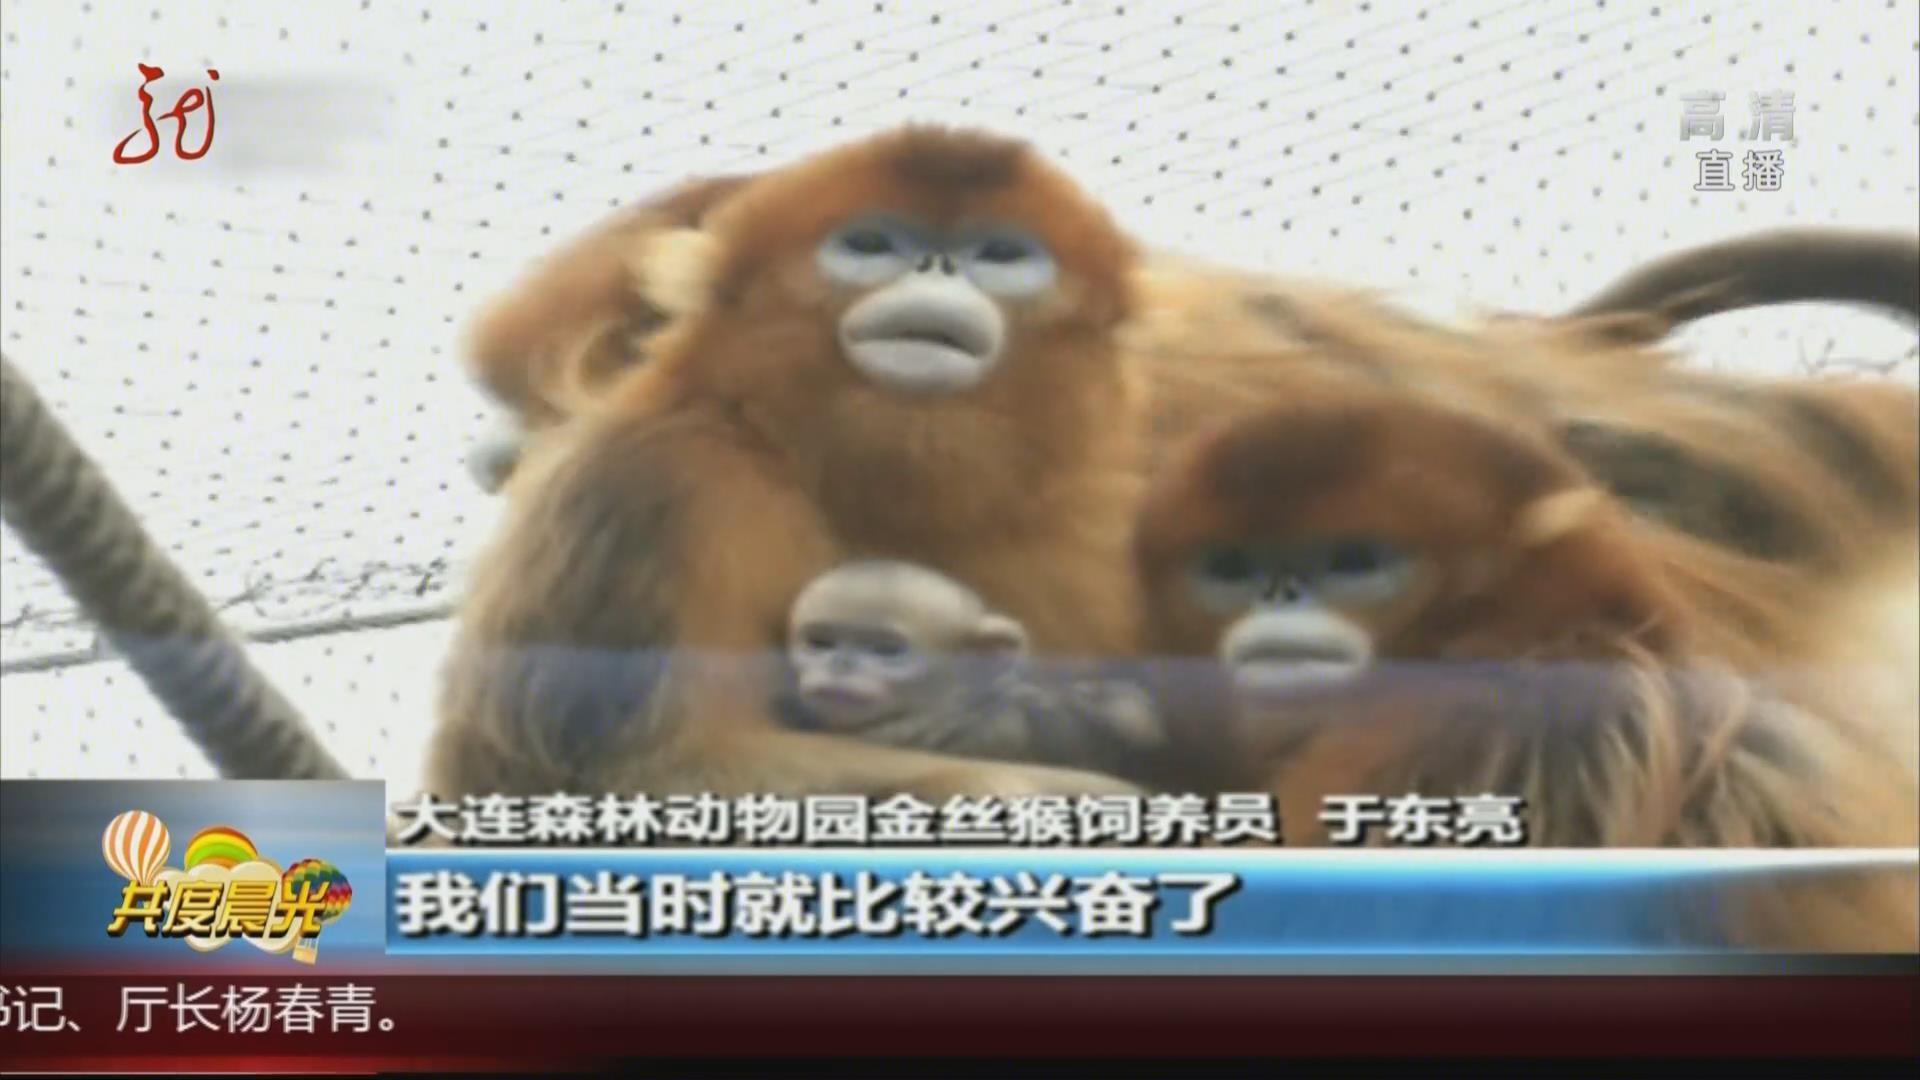 遼寧:金絲猴家族添六只猴寶寶